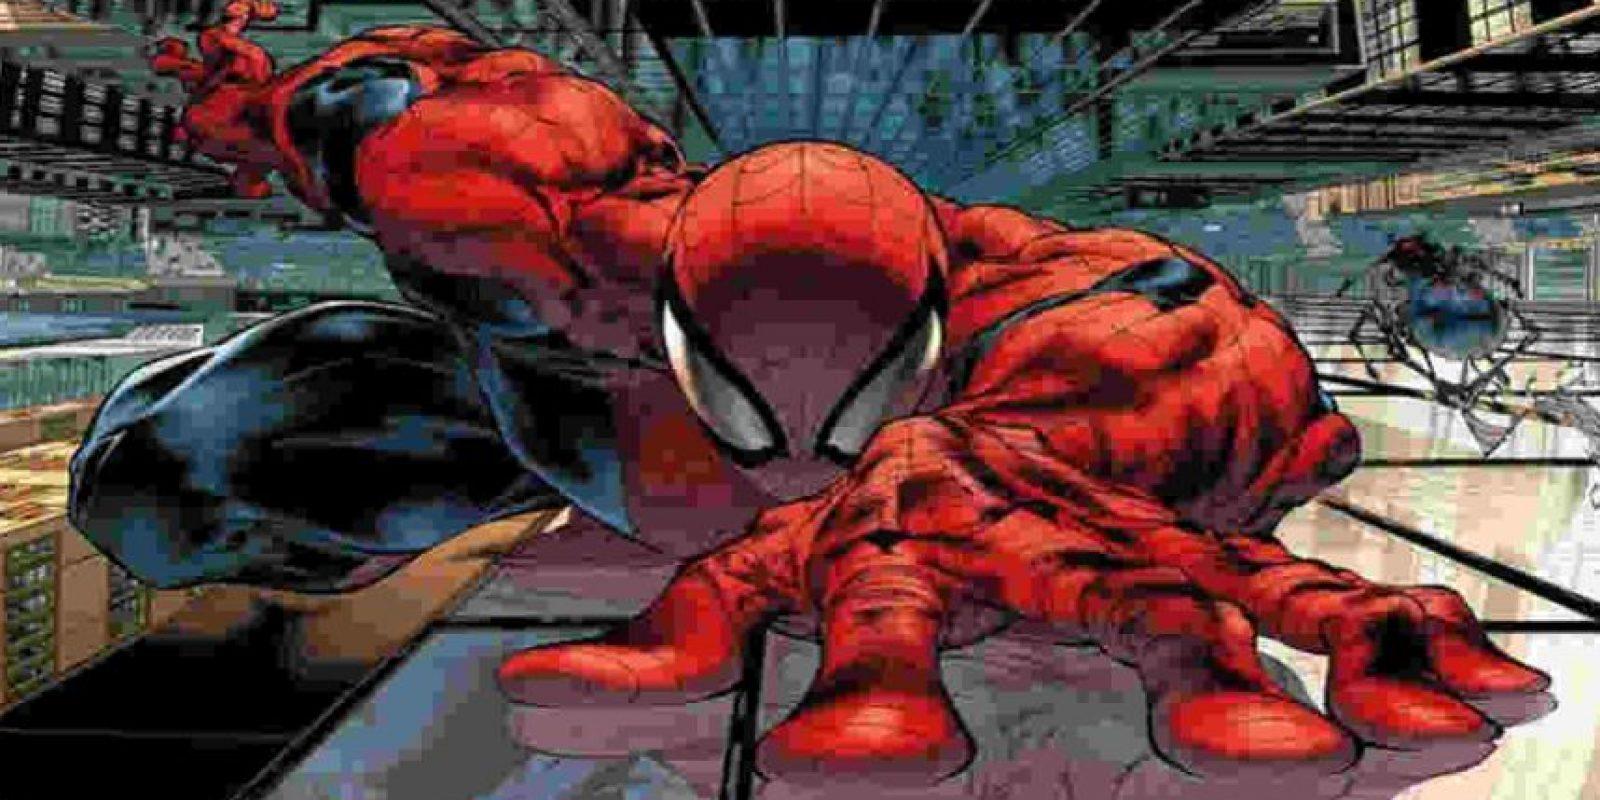 Película animada de Spiderman. Julio 20, 2018. Foto:Marvel